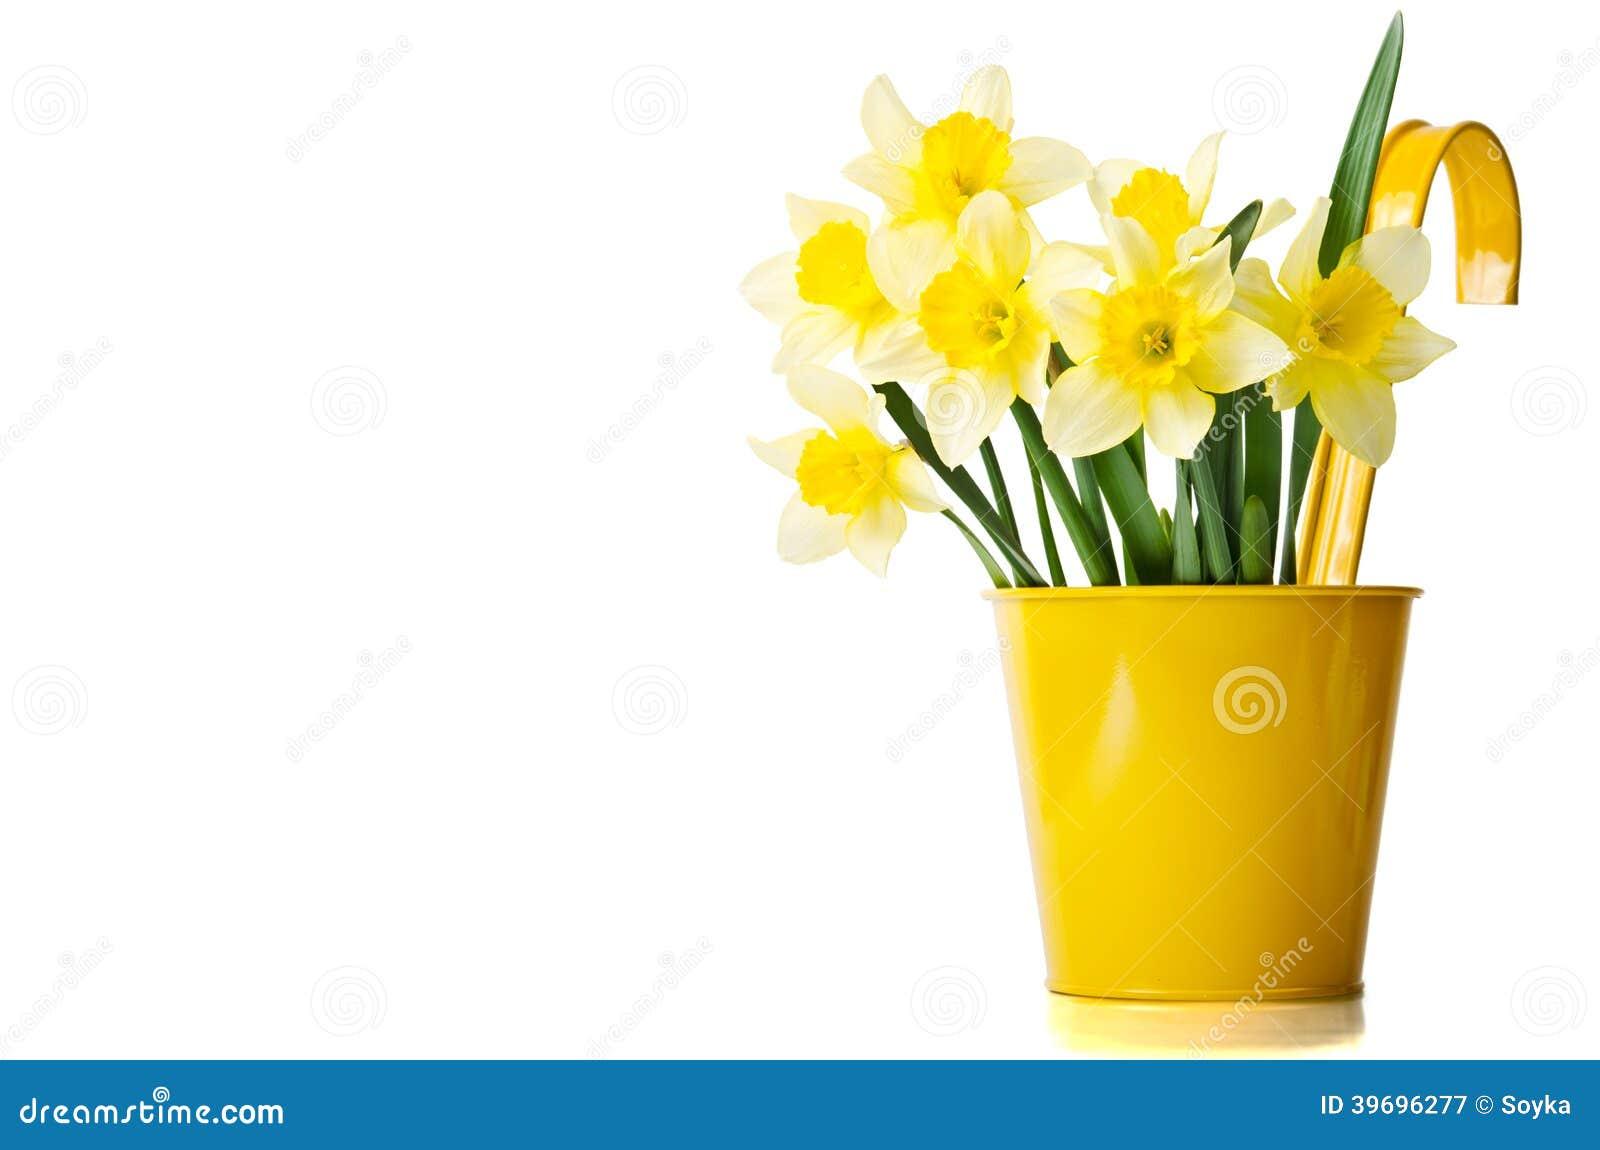 jonquilles dans un pot de fleurs jaune photo stock image 39696277. Black Bedroom Furniture Sets. Home Design Ideas